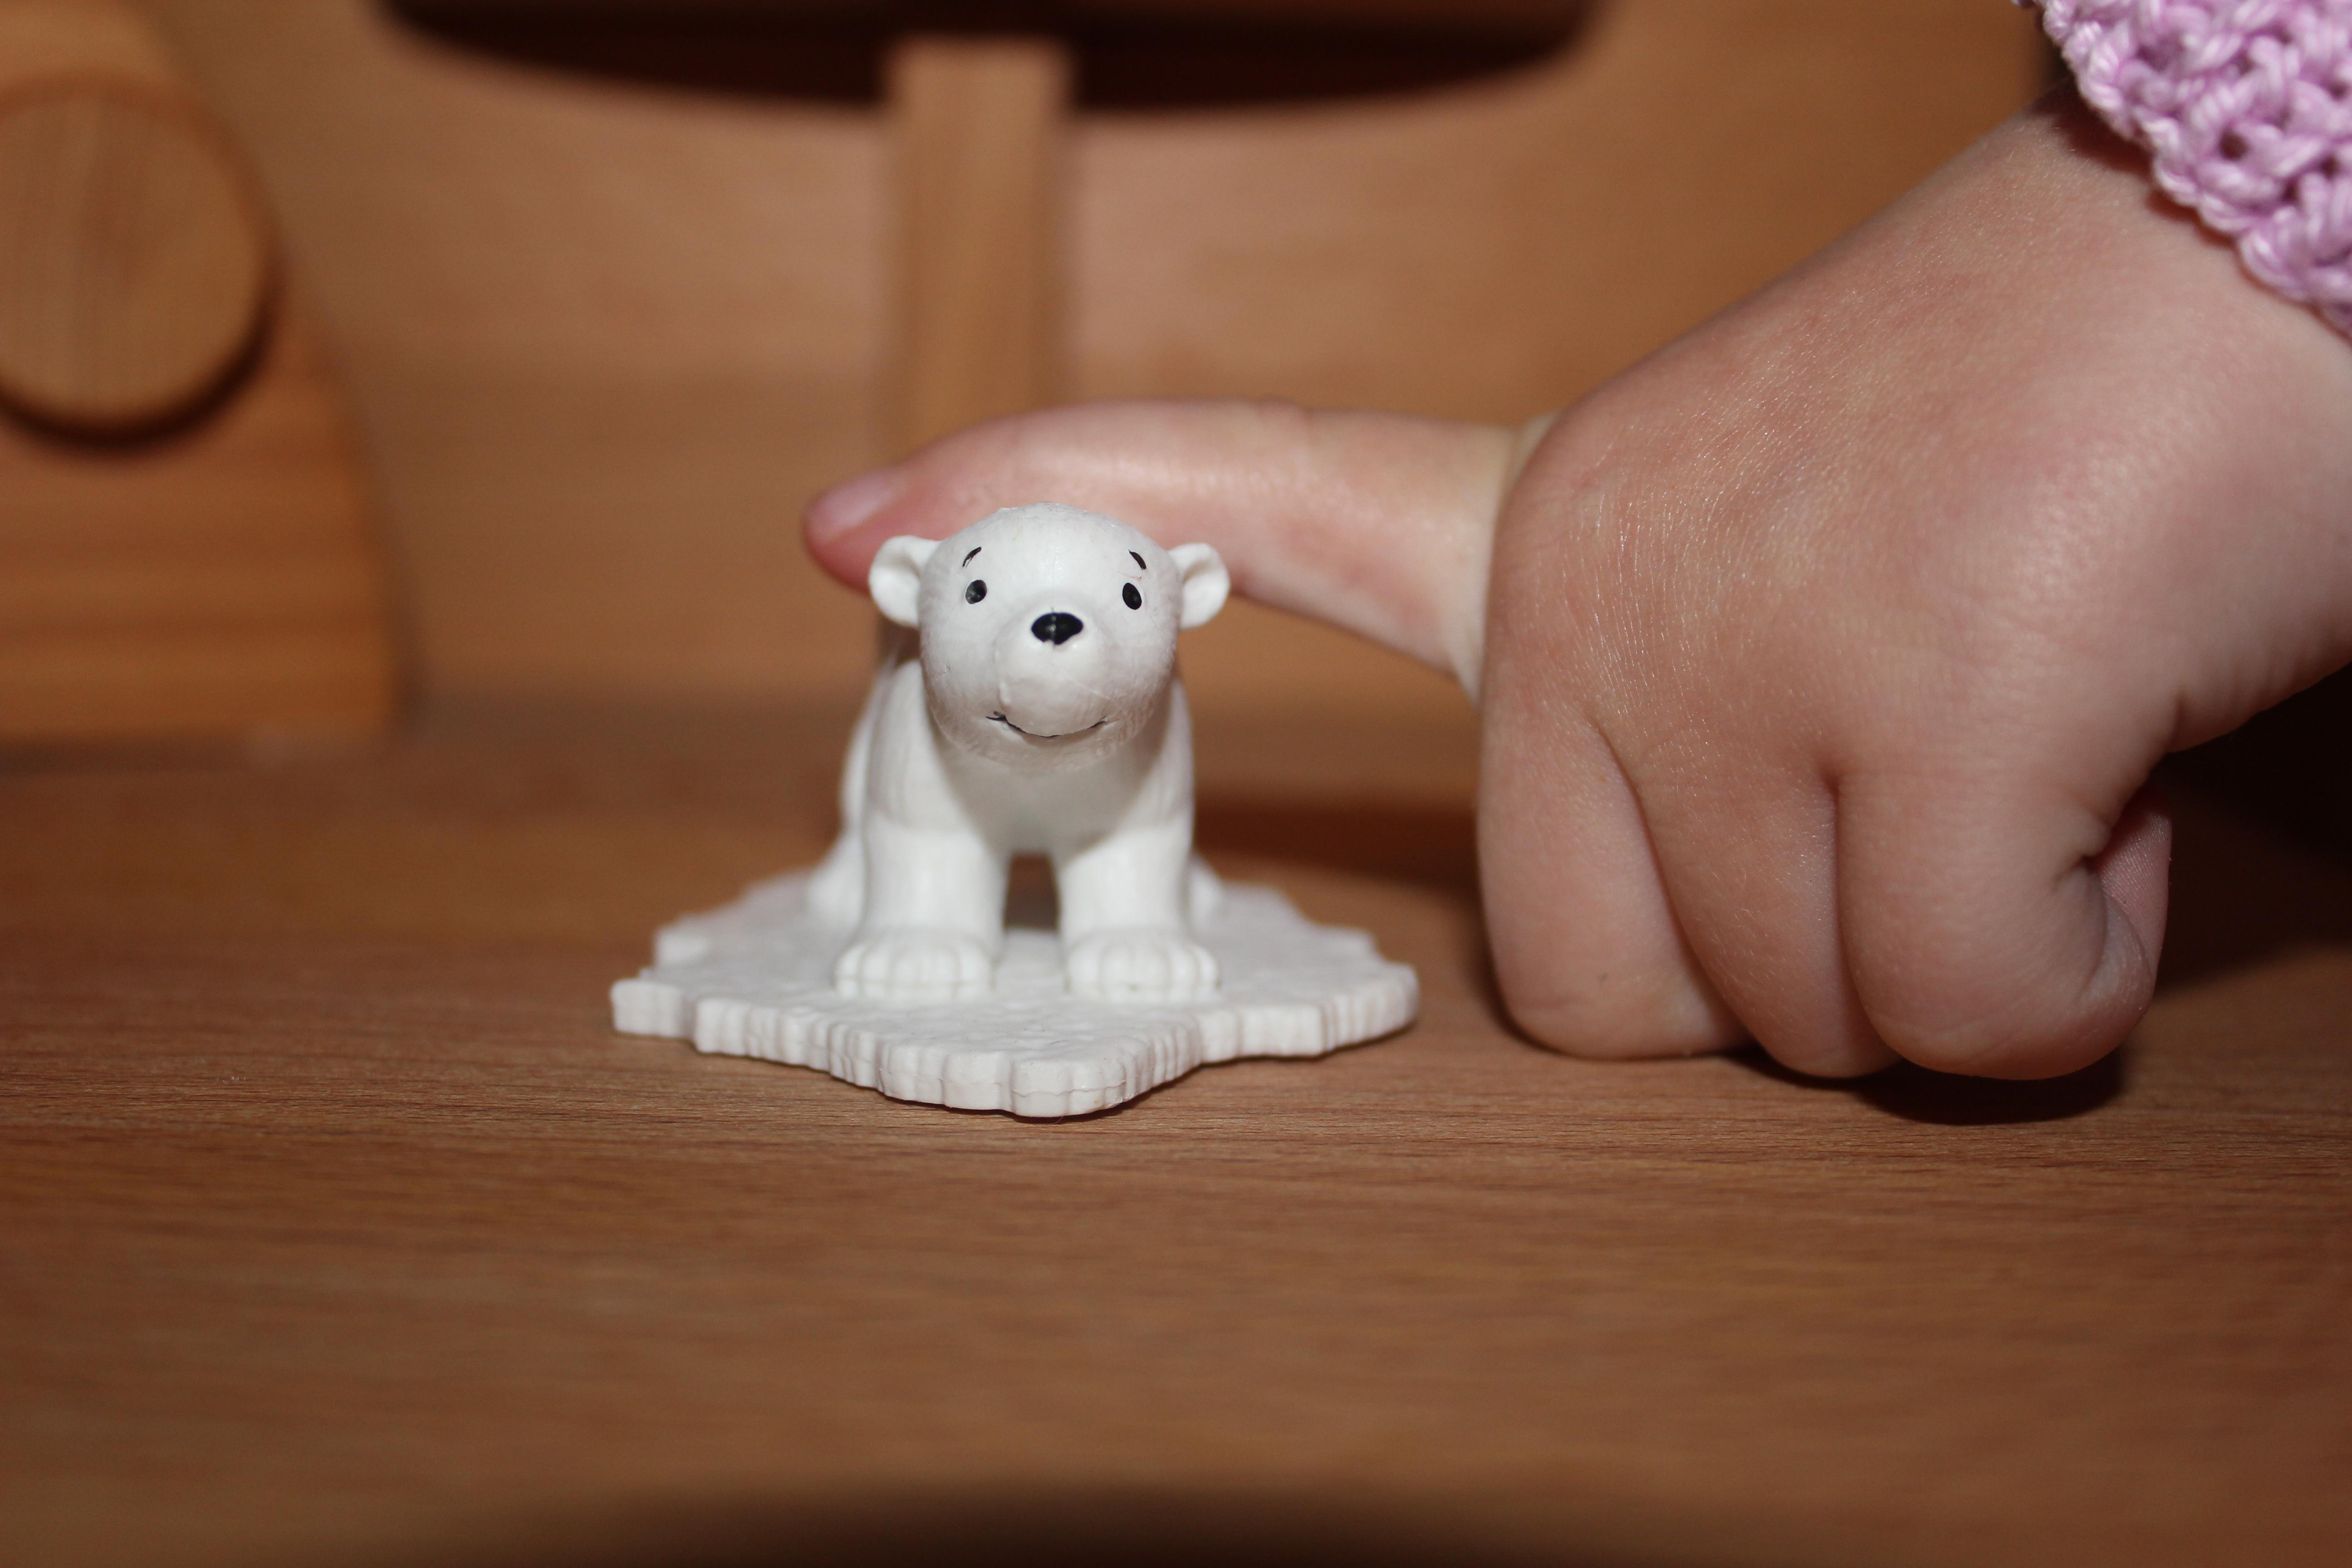 Der kleine Eisbär Figur